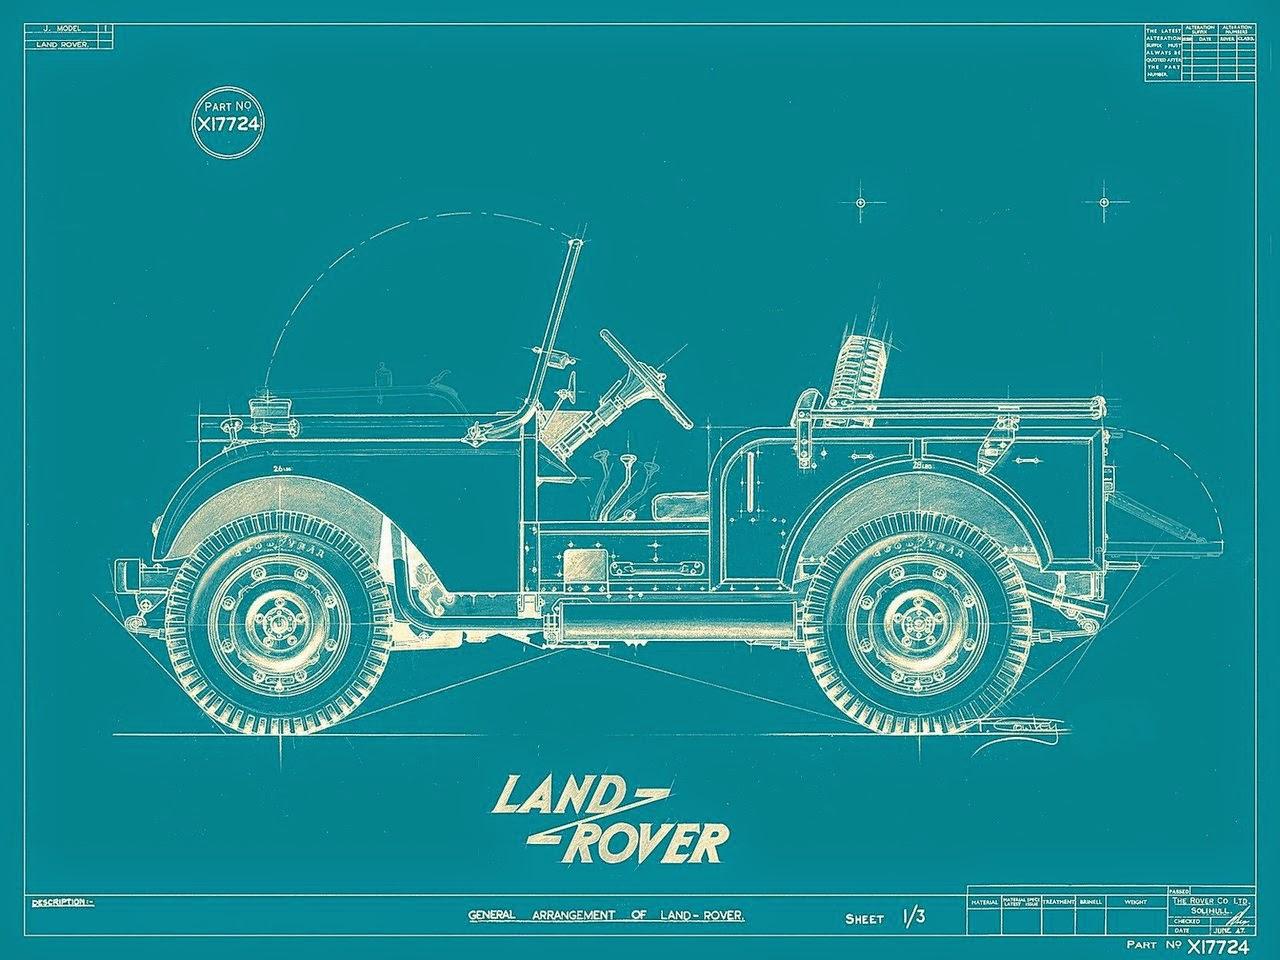 Dibuix esquemàtic d'un Land Rover semblant a un Jeep Willys